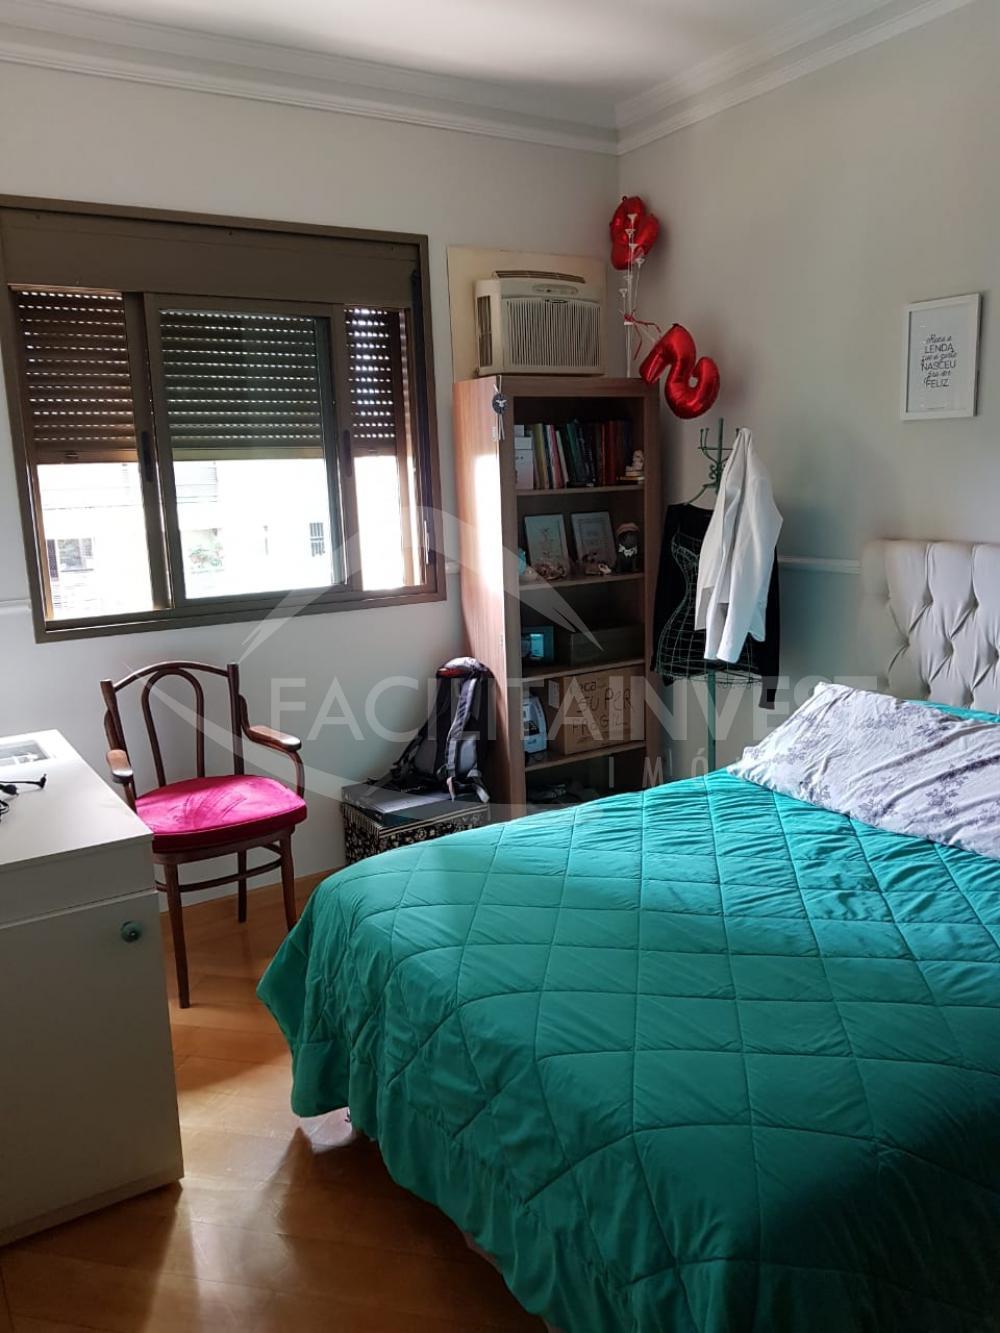 Comprar Apartamentos / Apart. Padrão em Ribeirão Preto apenas R$ 1.000.000,00 - Foto 24